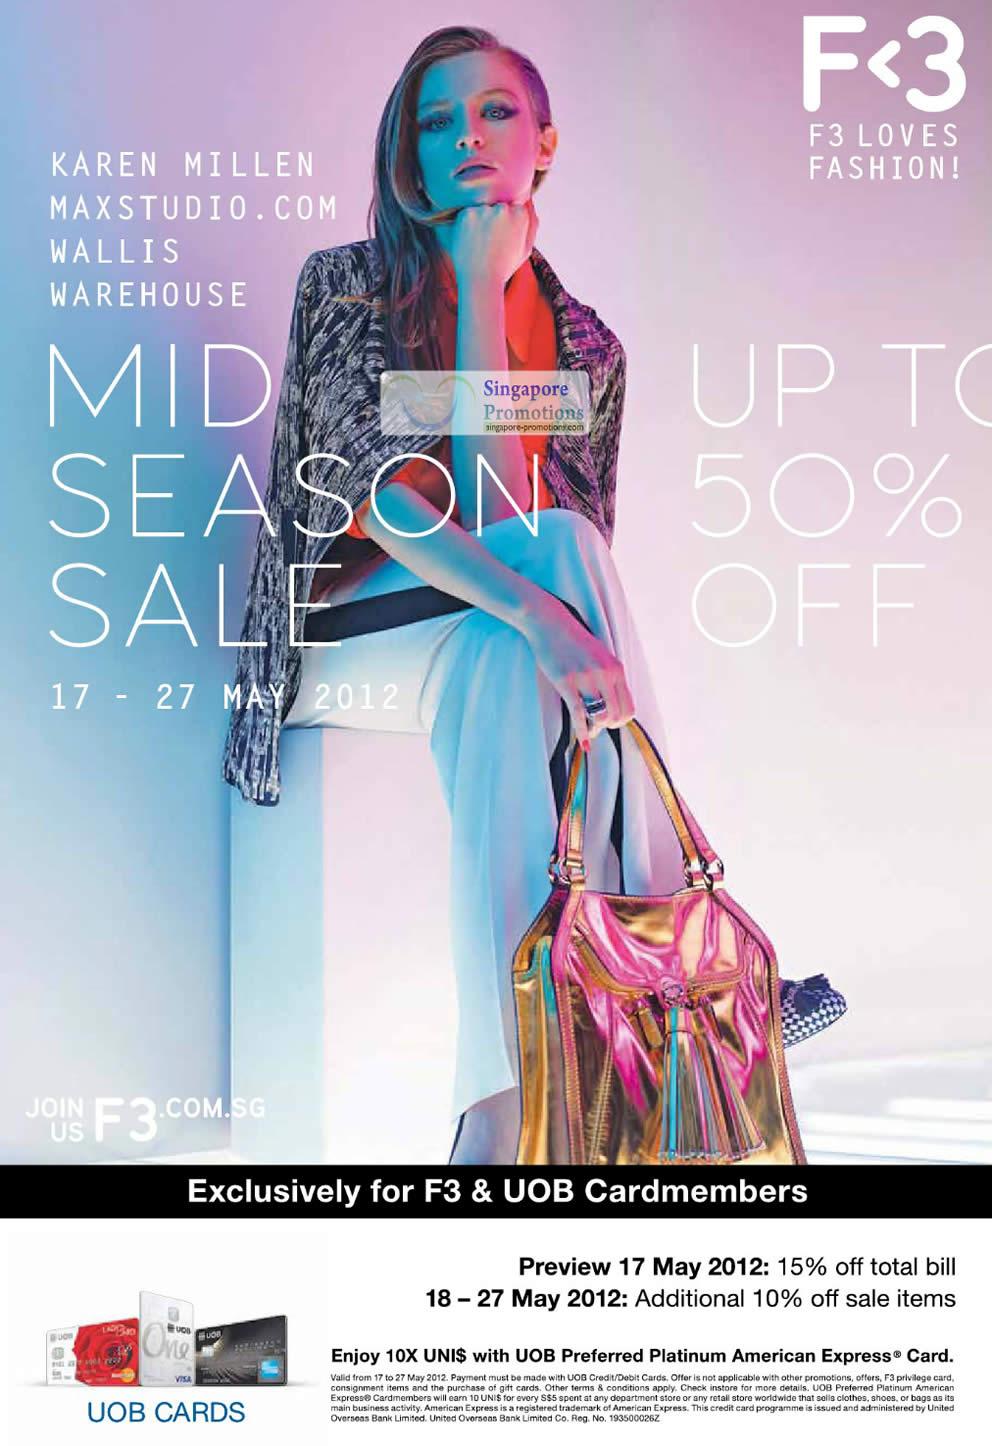 Maxstudio.Com, Warehouse, Wallis Karen Millen